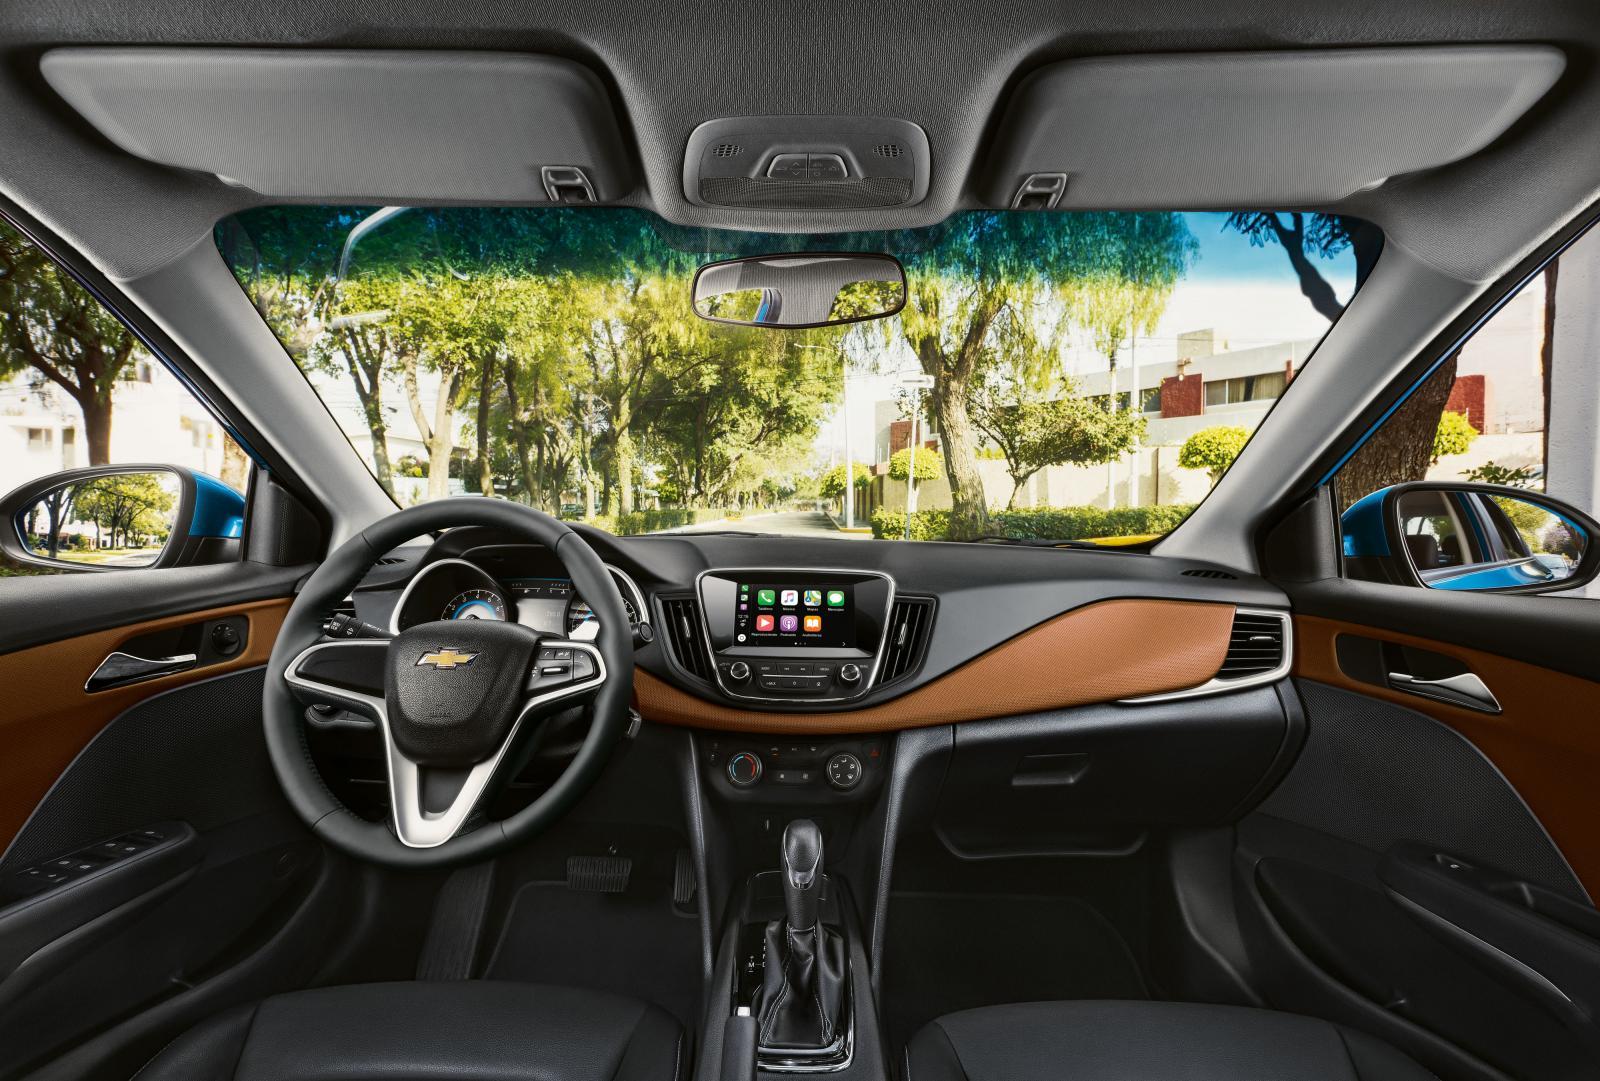 Chevrolet Cavalier 2020 precio en México